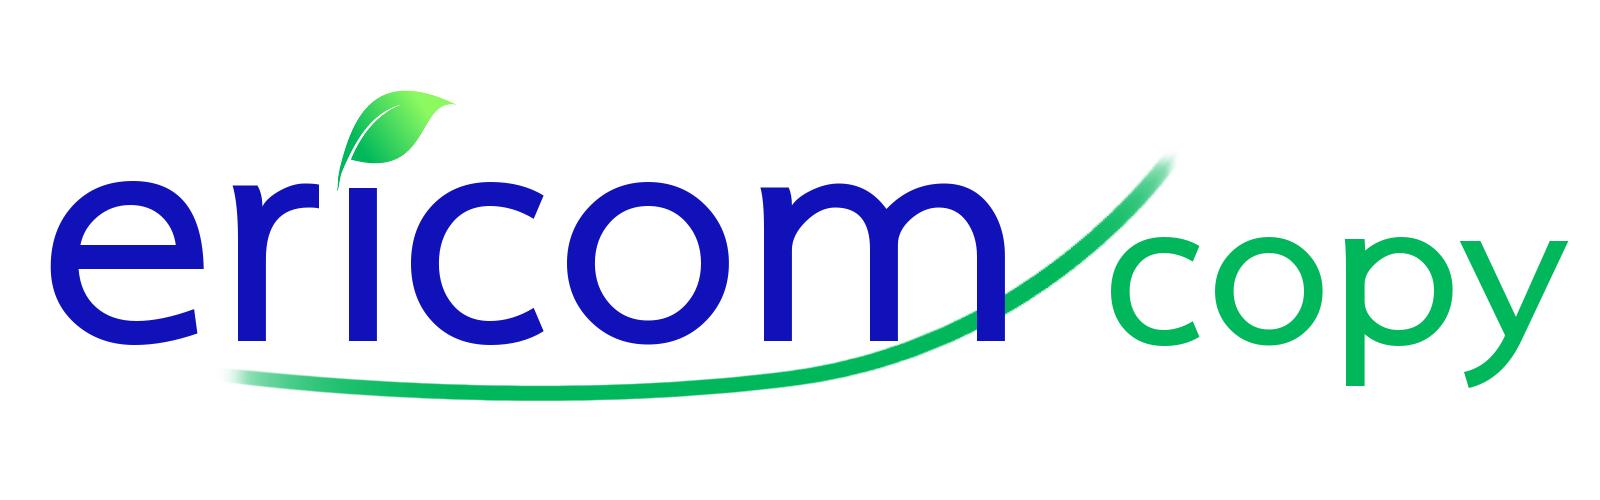 Ericom Copy Logo